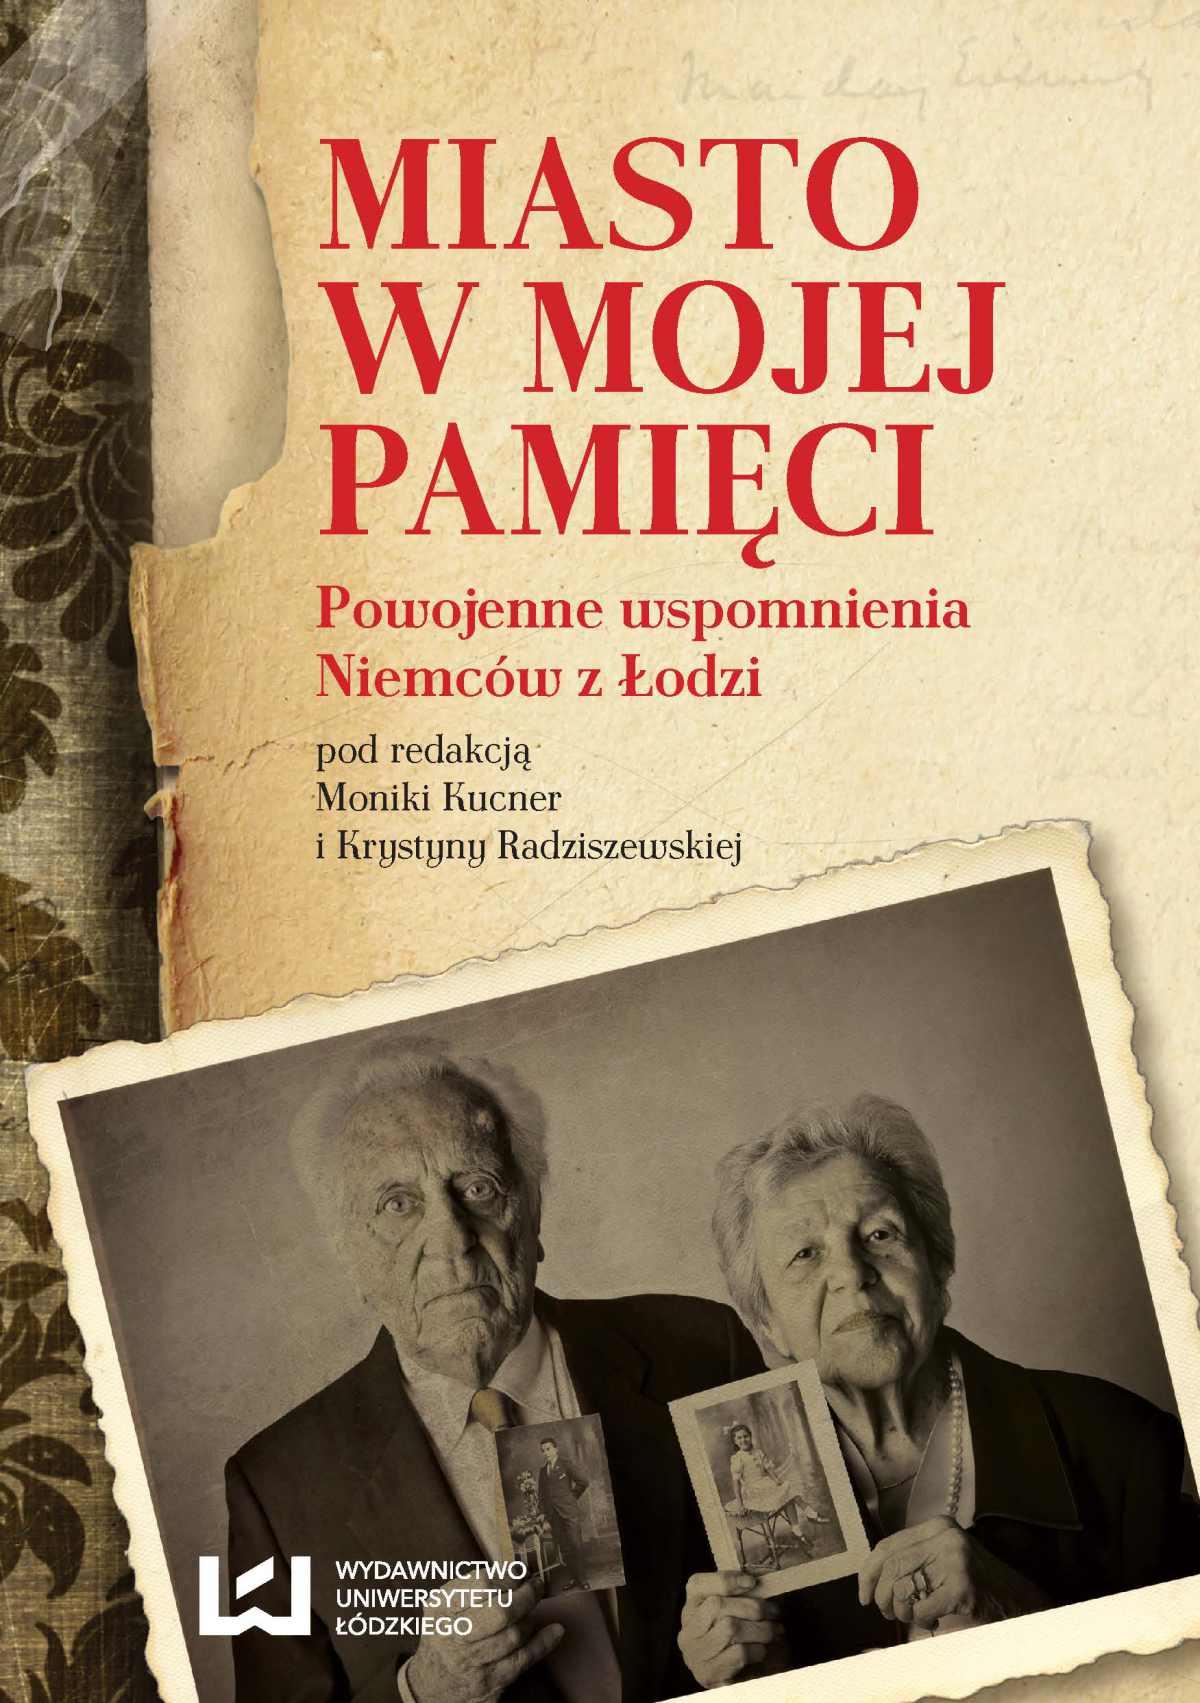 Miasto w mojej pamięci. Powojenne wspomnienia Niemców z Łodzi - Ebook (Książka na Kindle) do pobrania w formacie MOBI